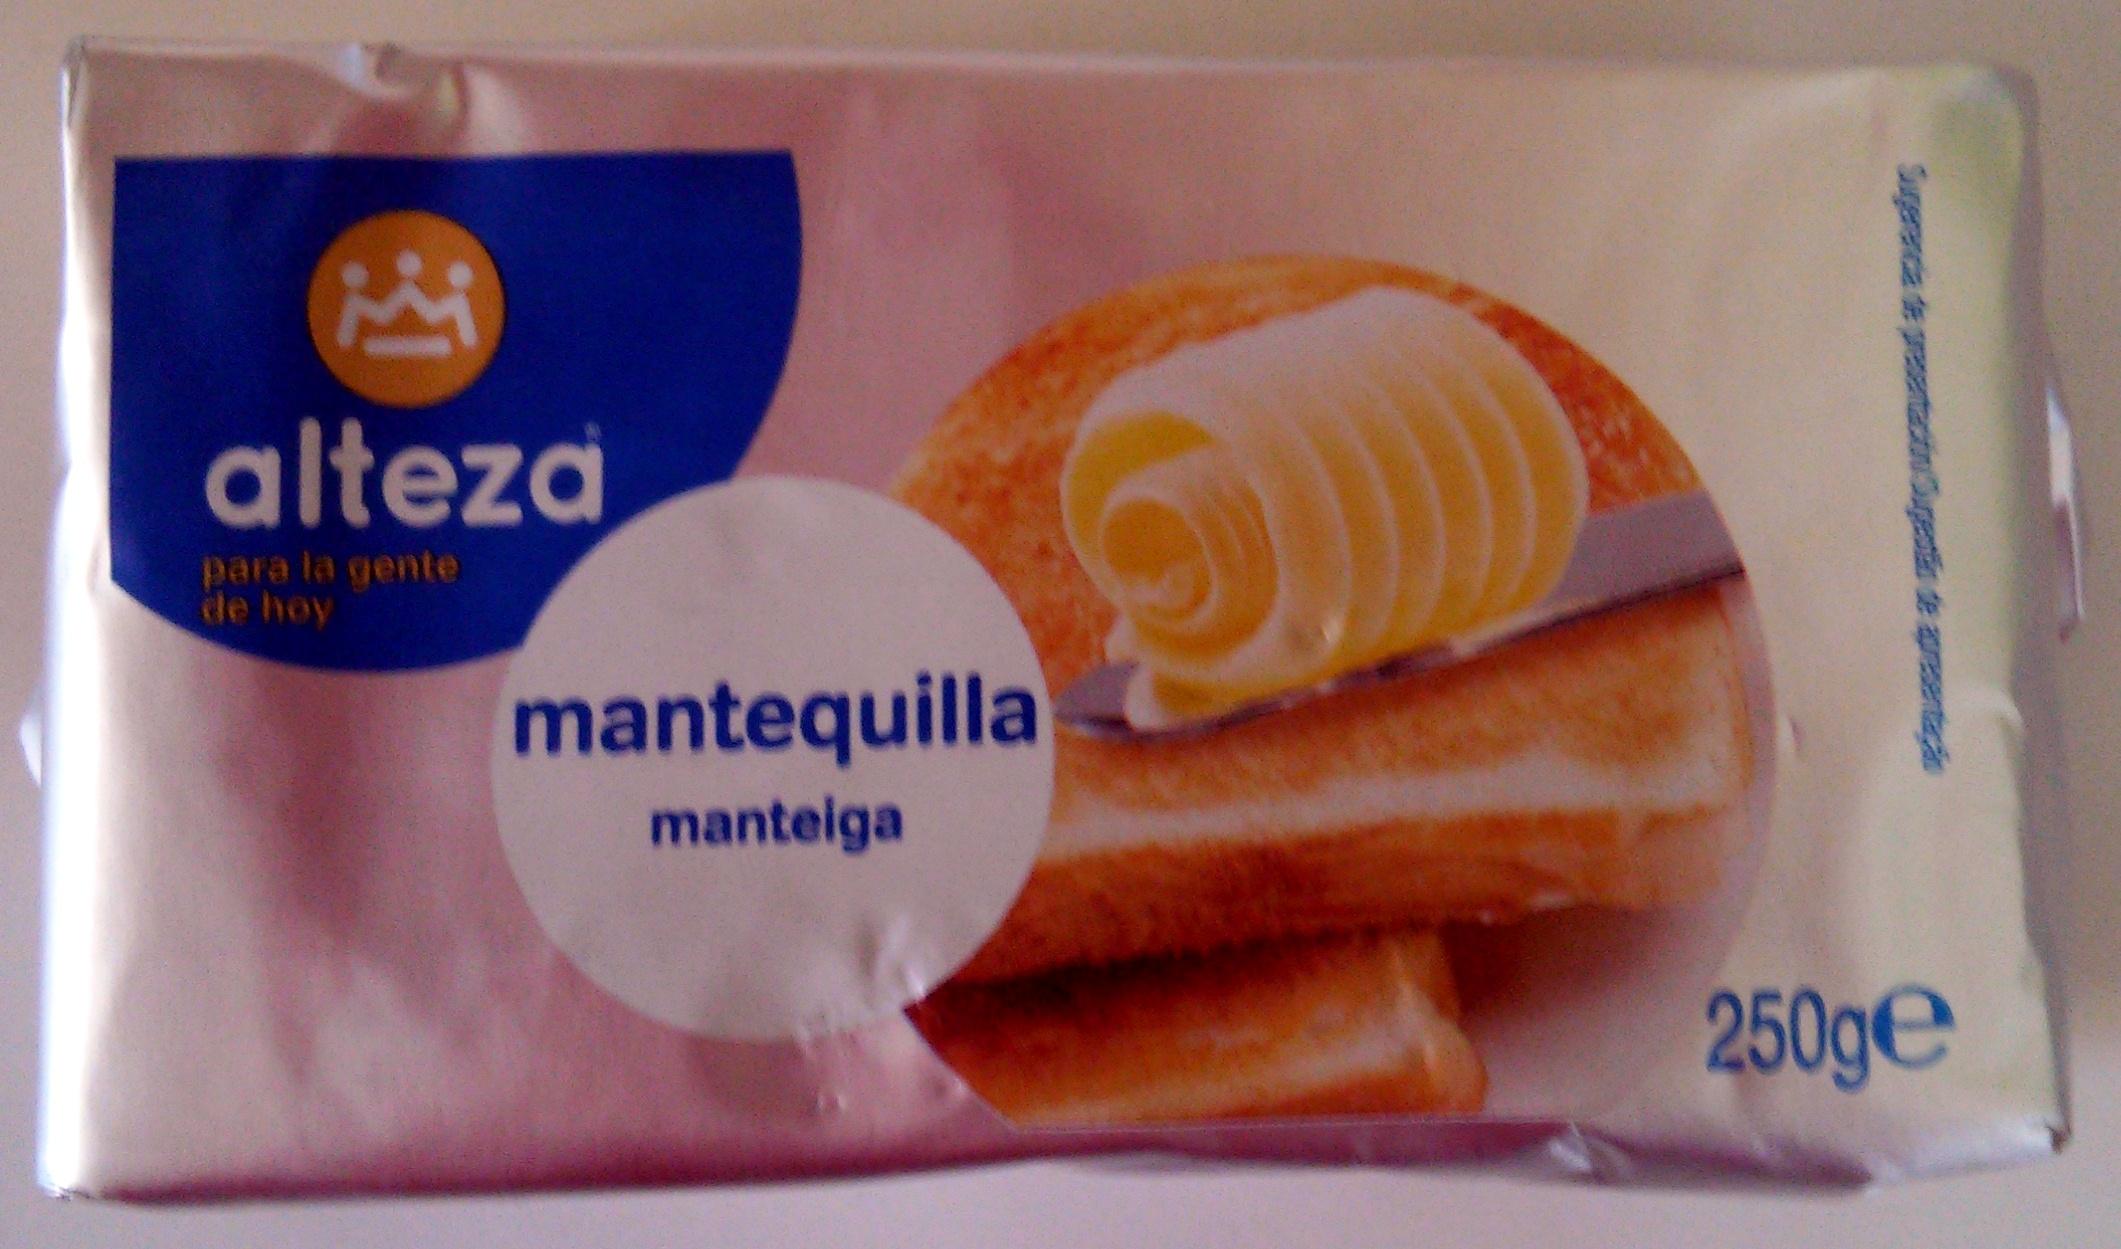 Mantequilla alteza - Producte - es